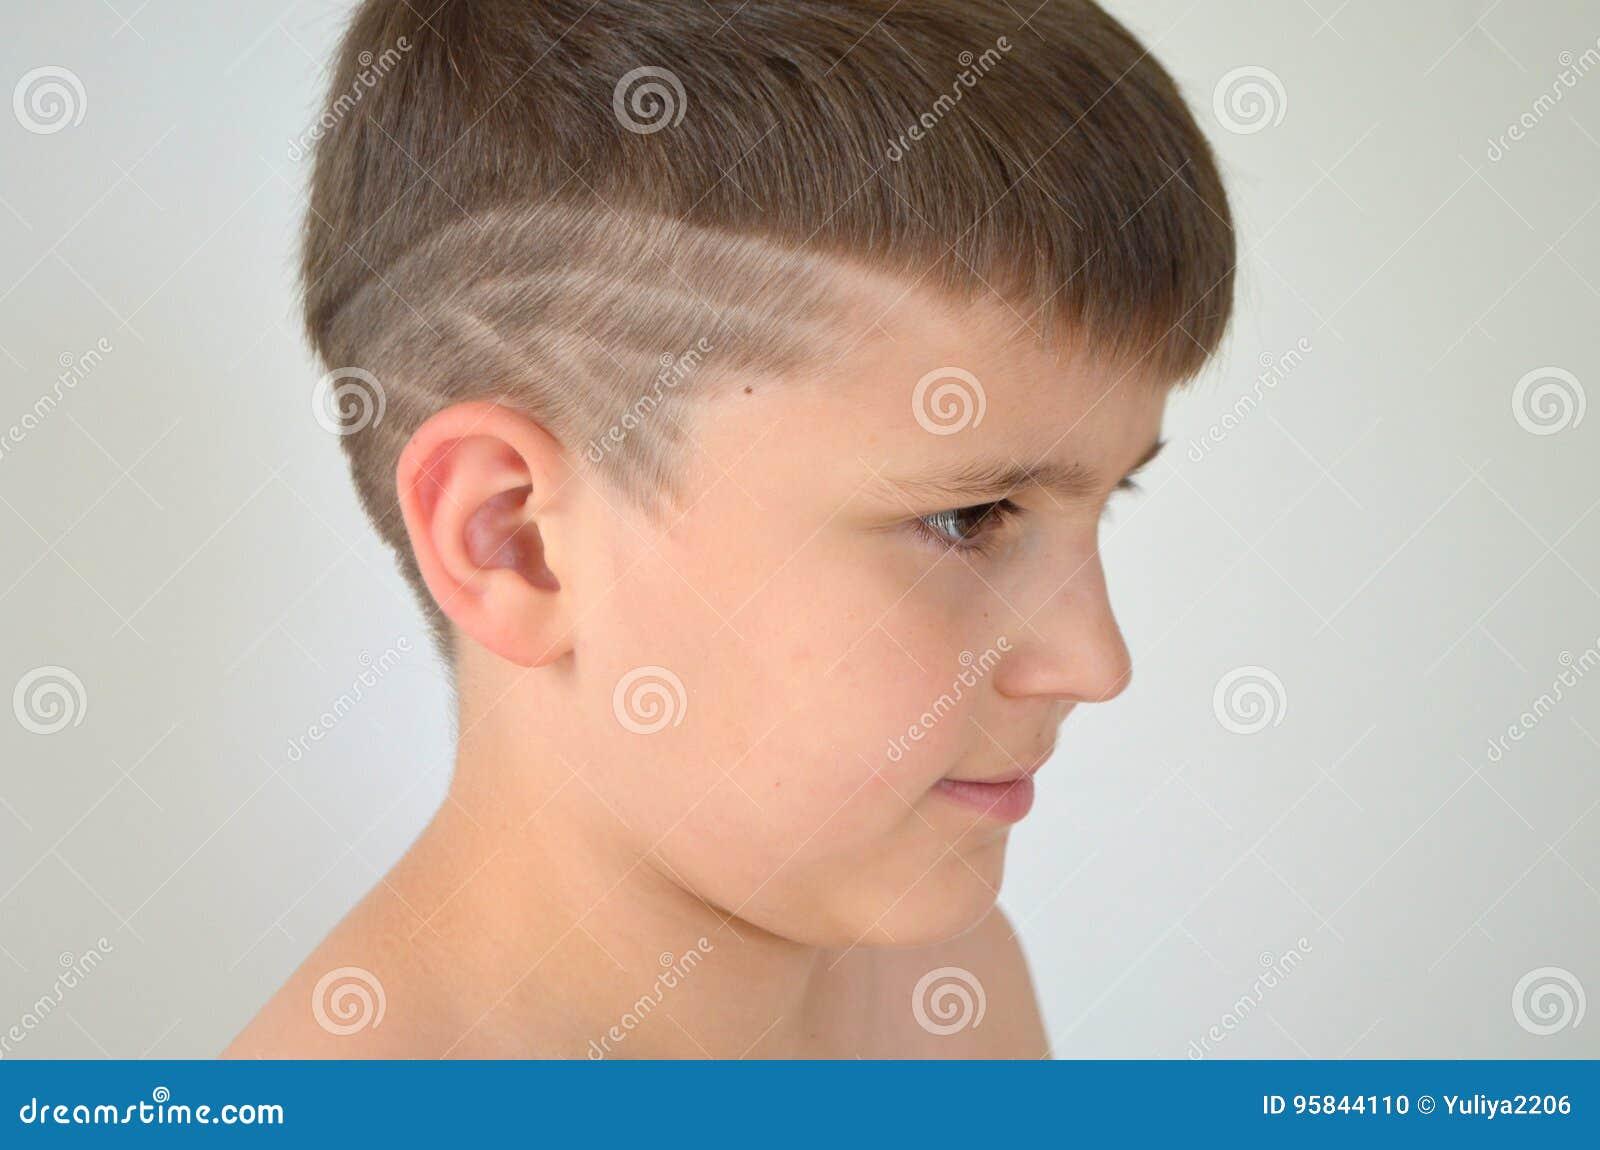 Junge Mit Asymetrischem Haarschnitt Stockfoto Bild Von Junge